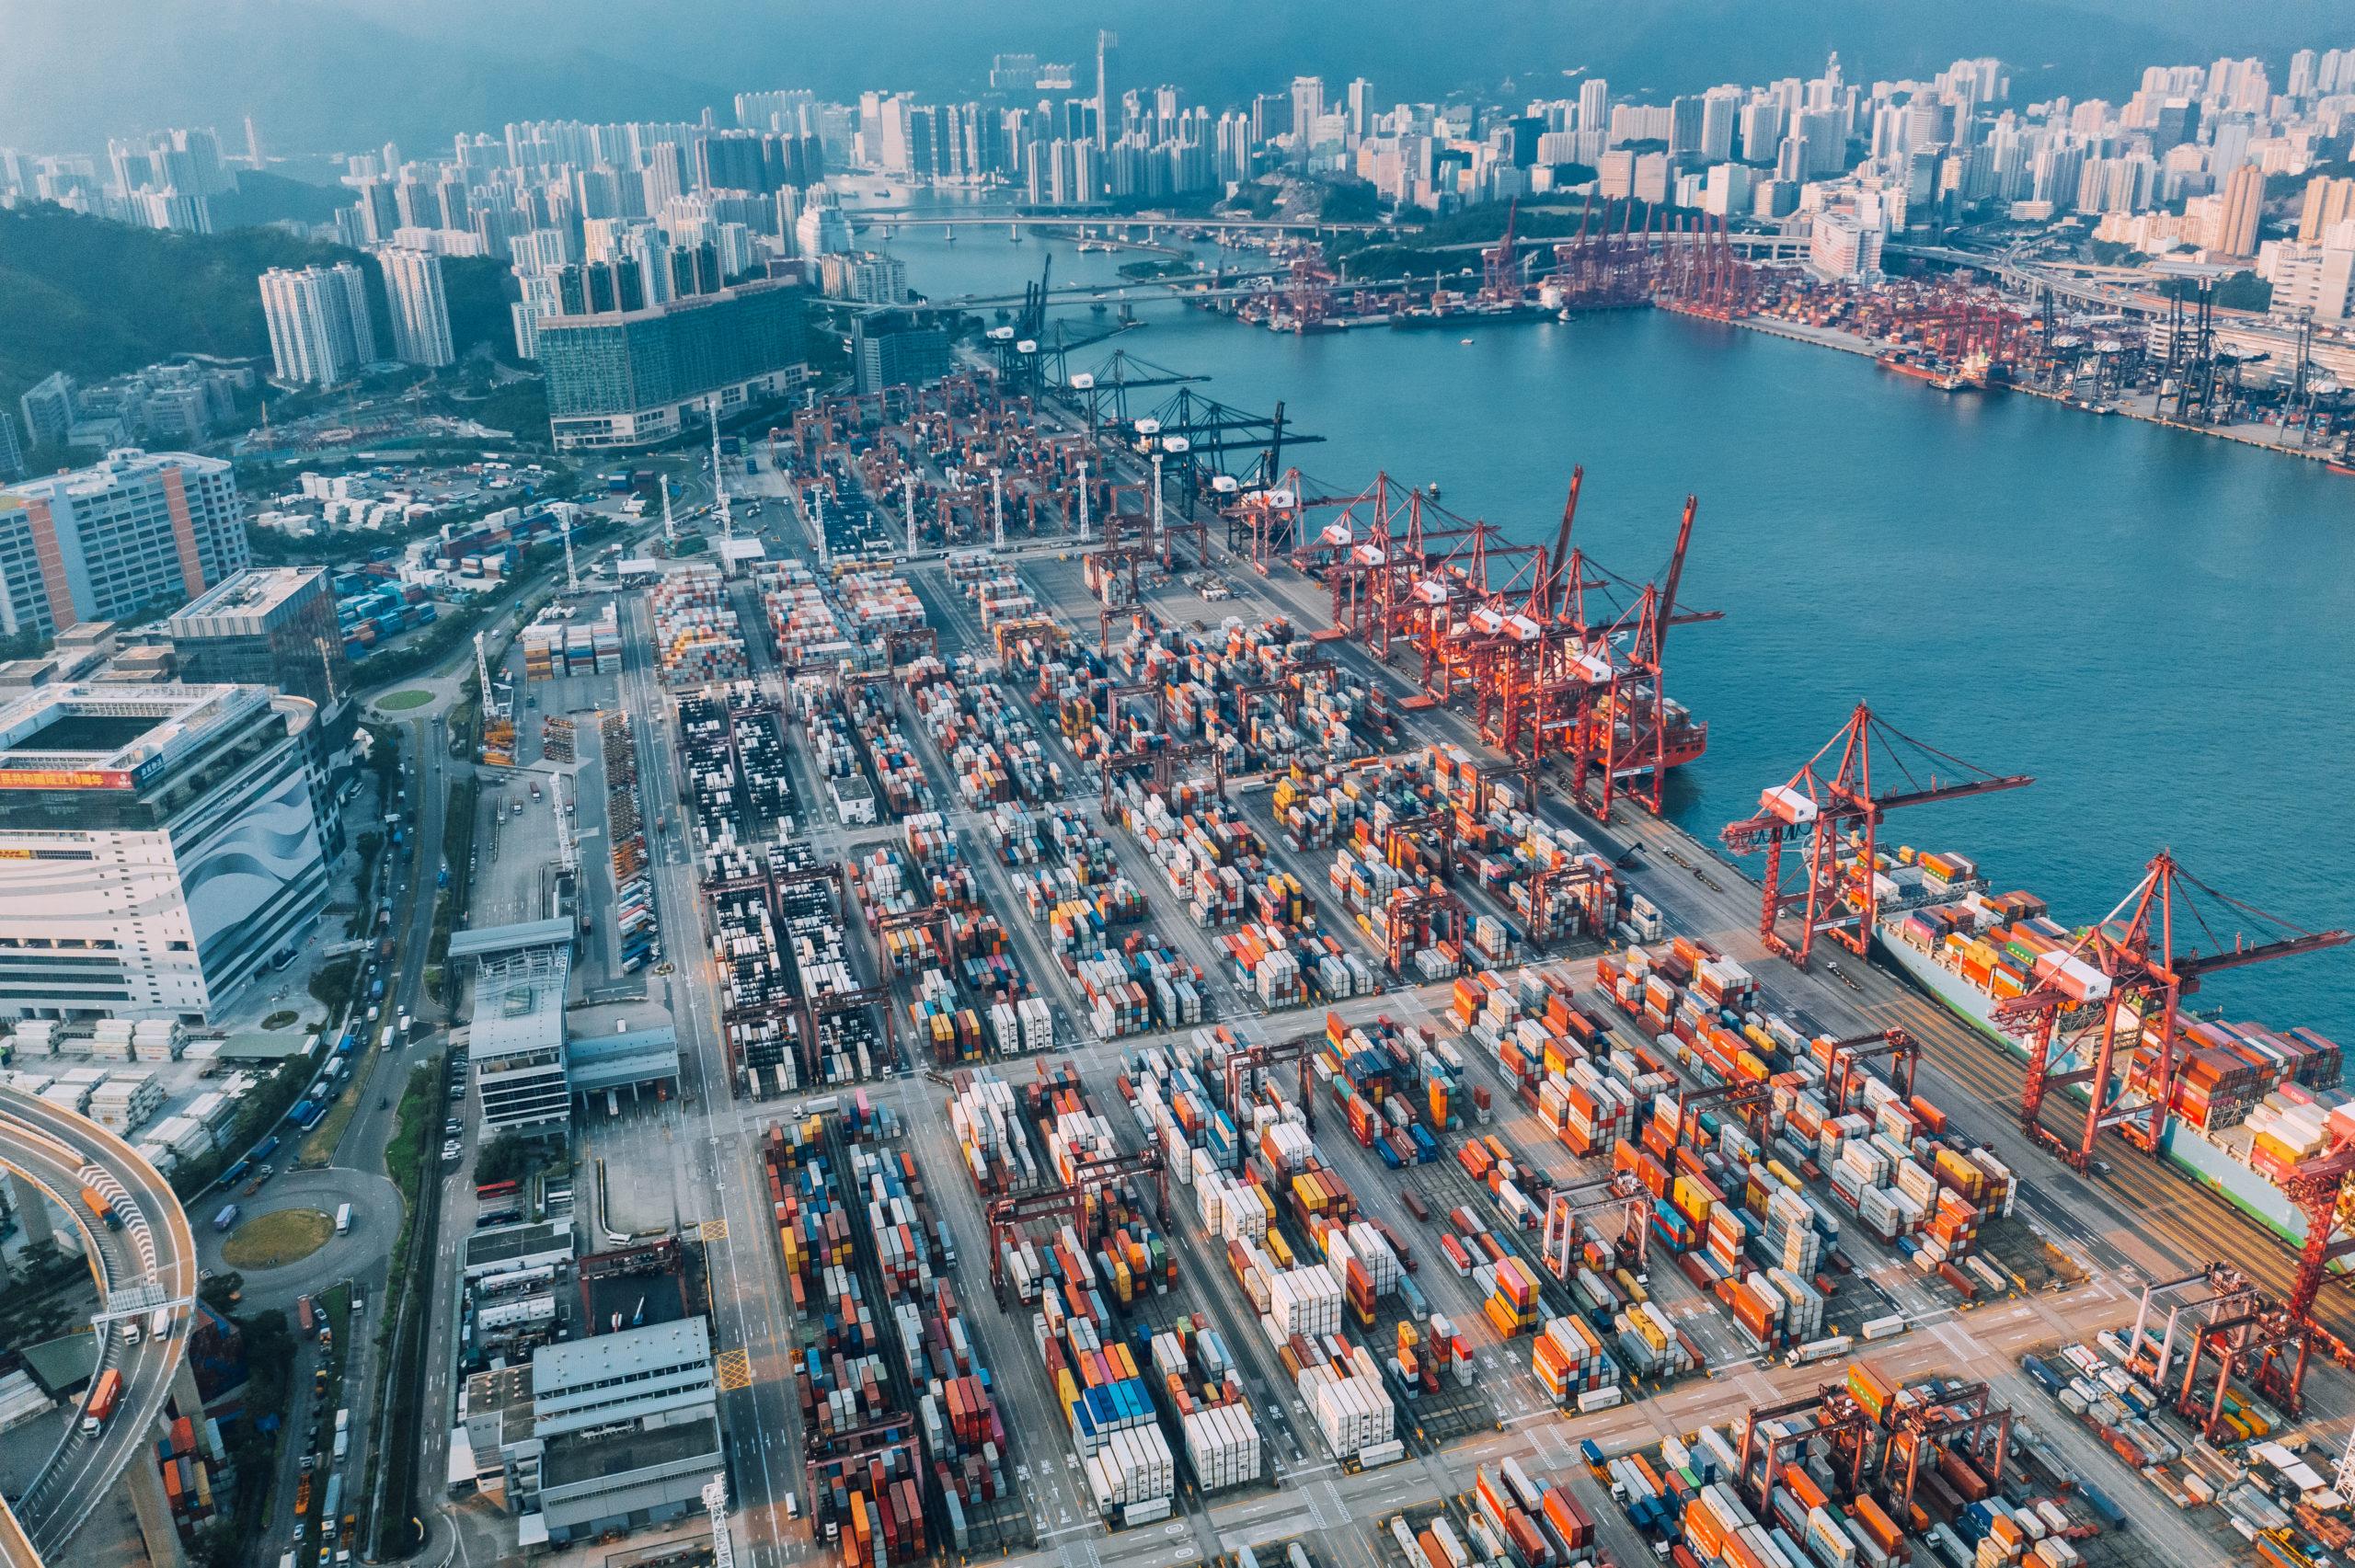 Aerial View of container ship terminal in Hong Kong, China Hongkong, China